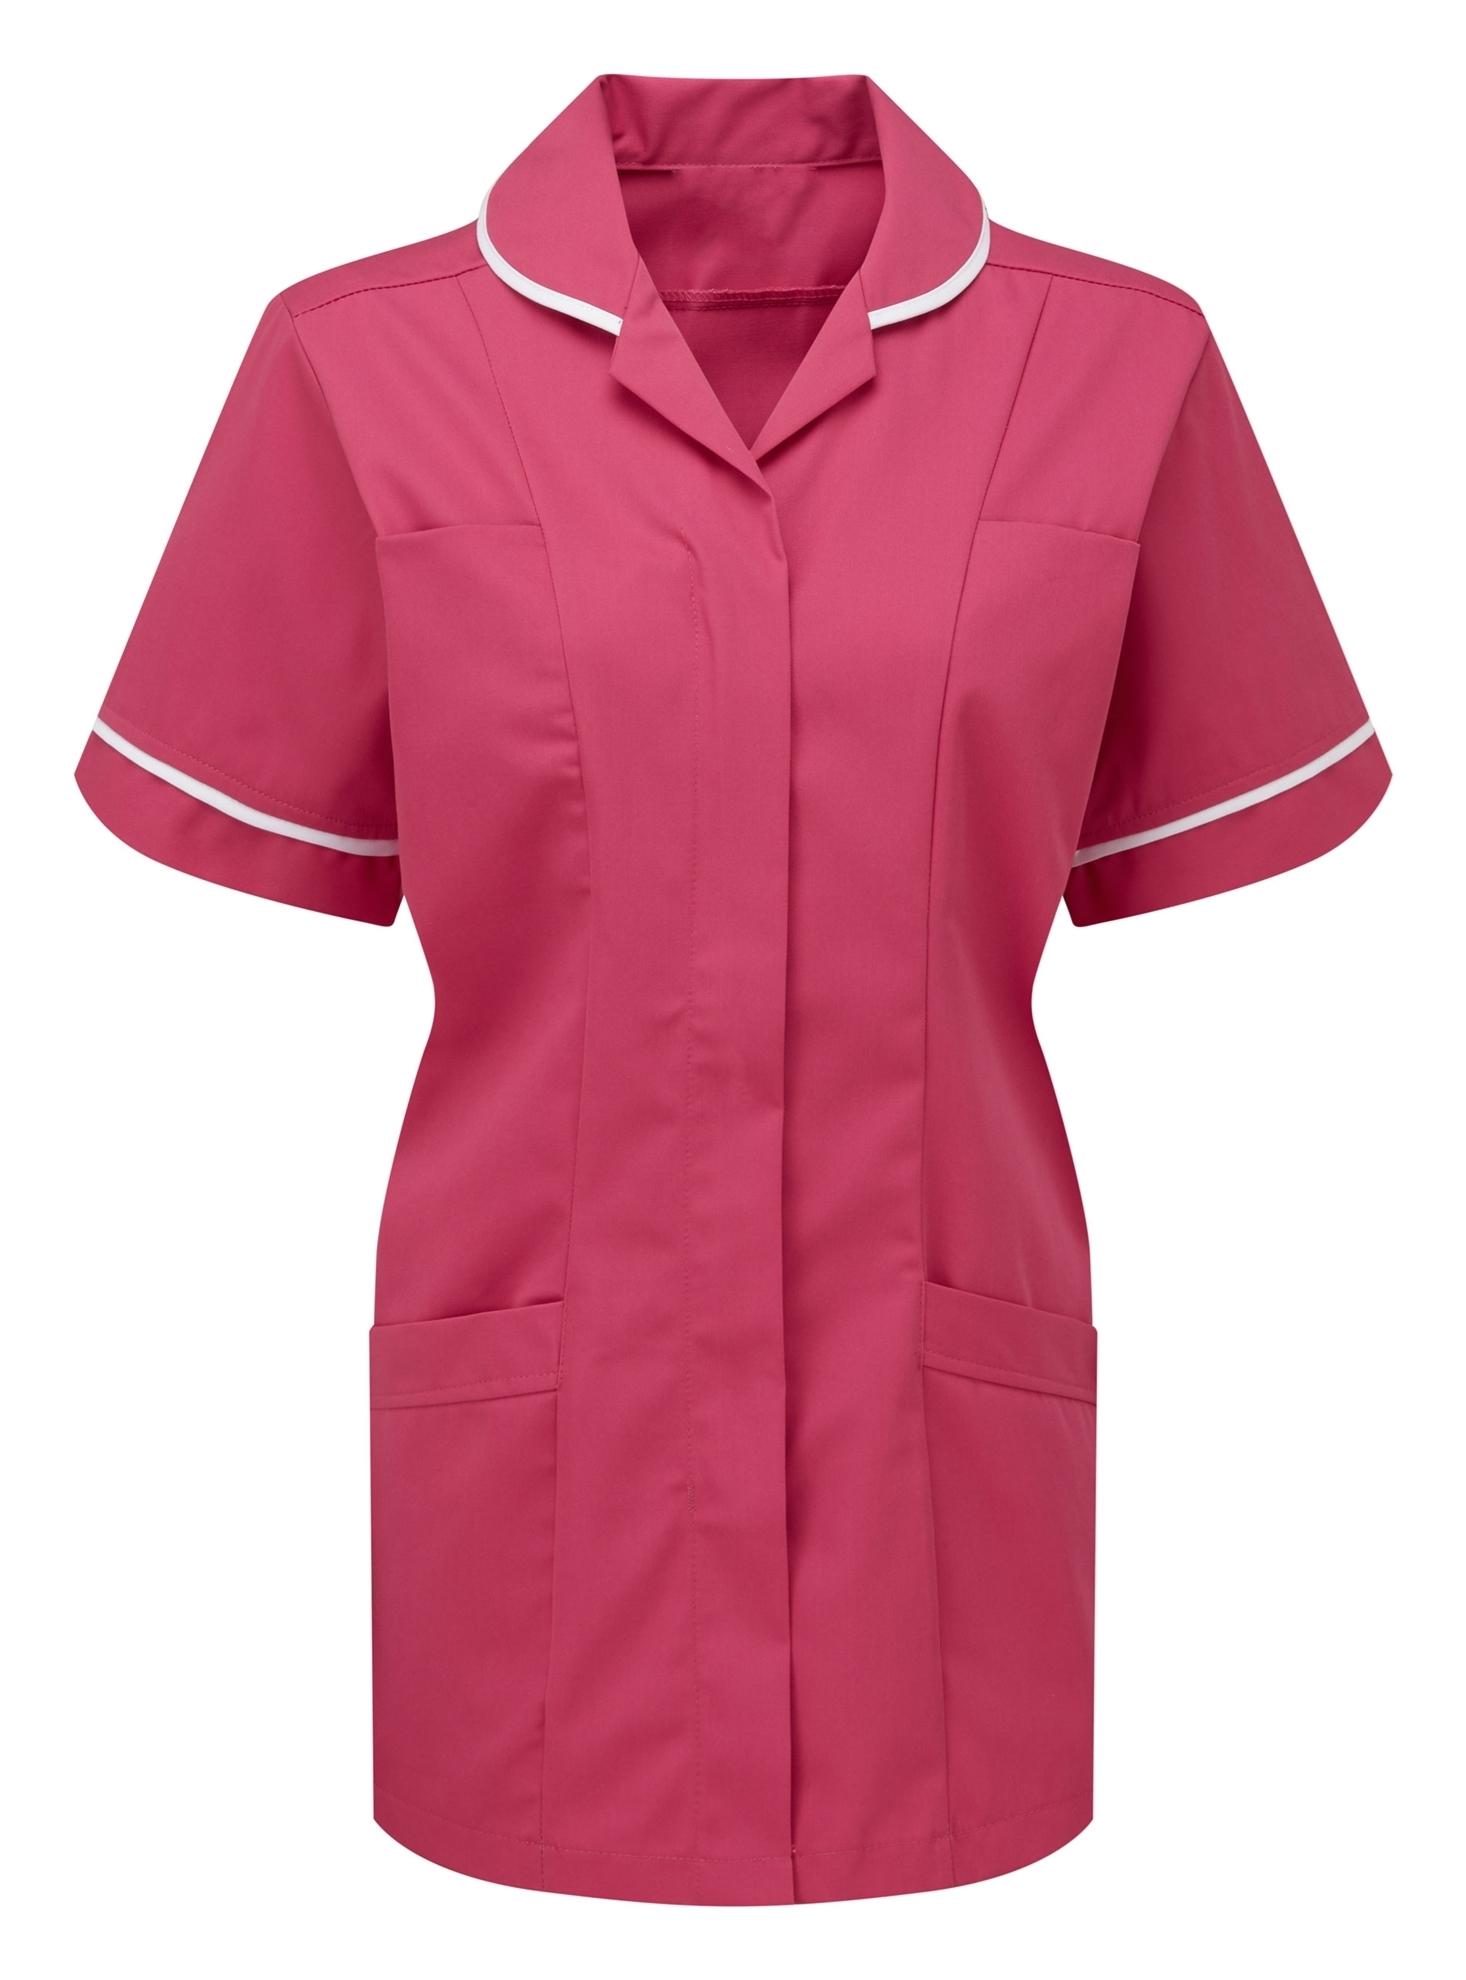 Picture of Advantage Tunic - Bright Pink/White